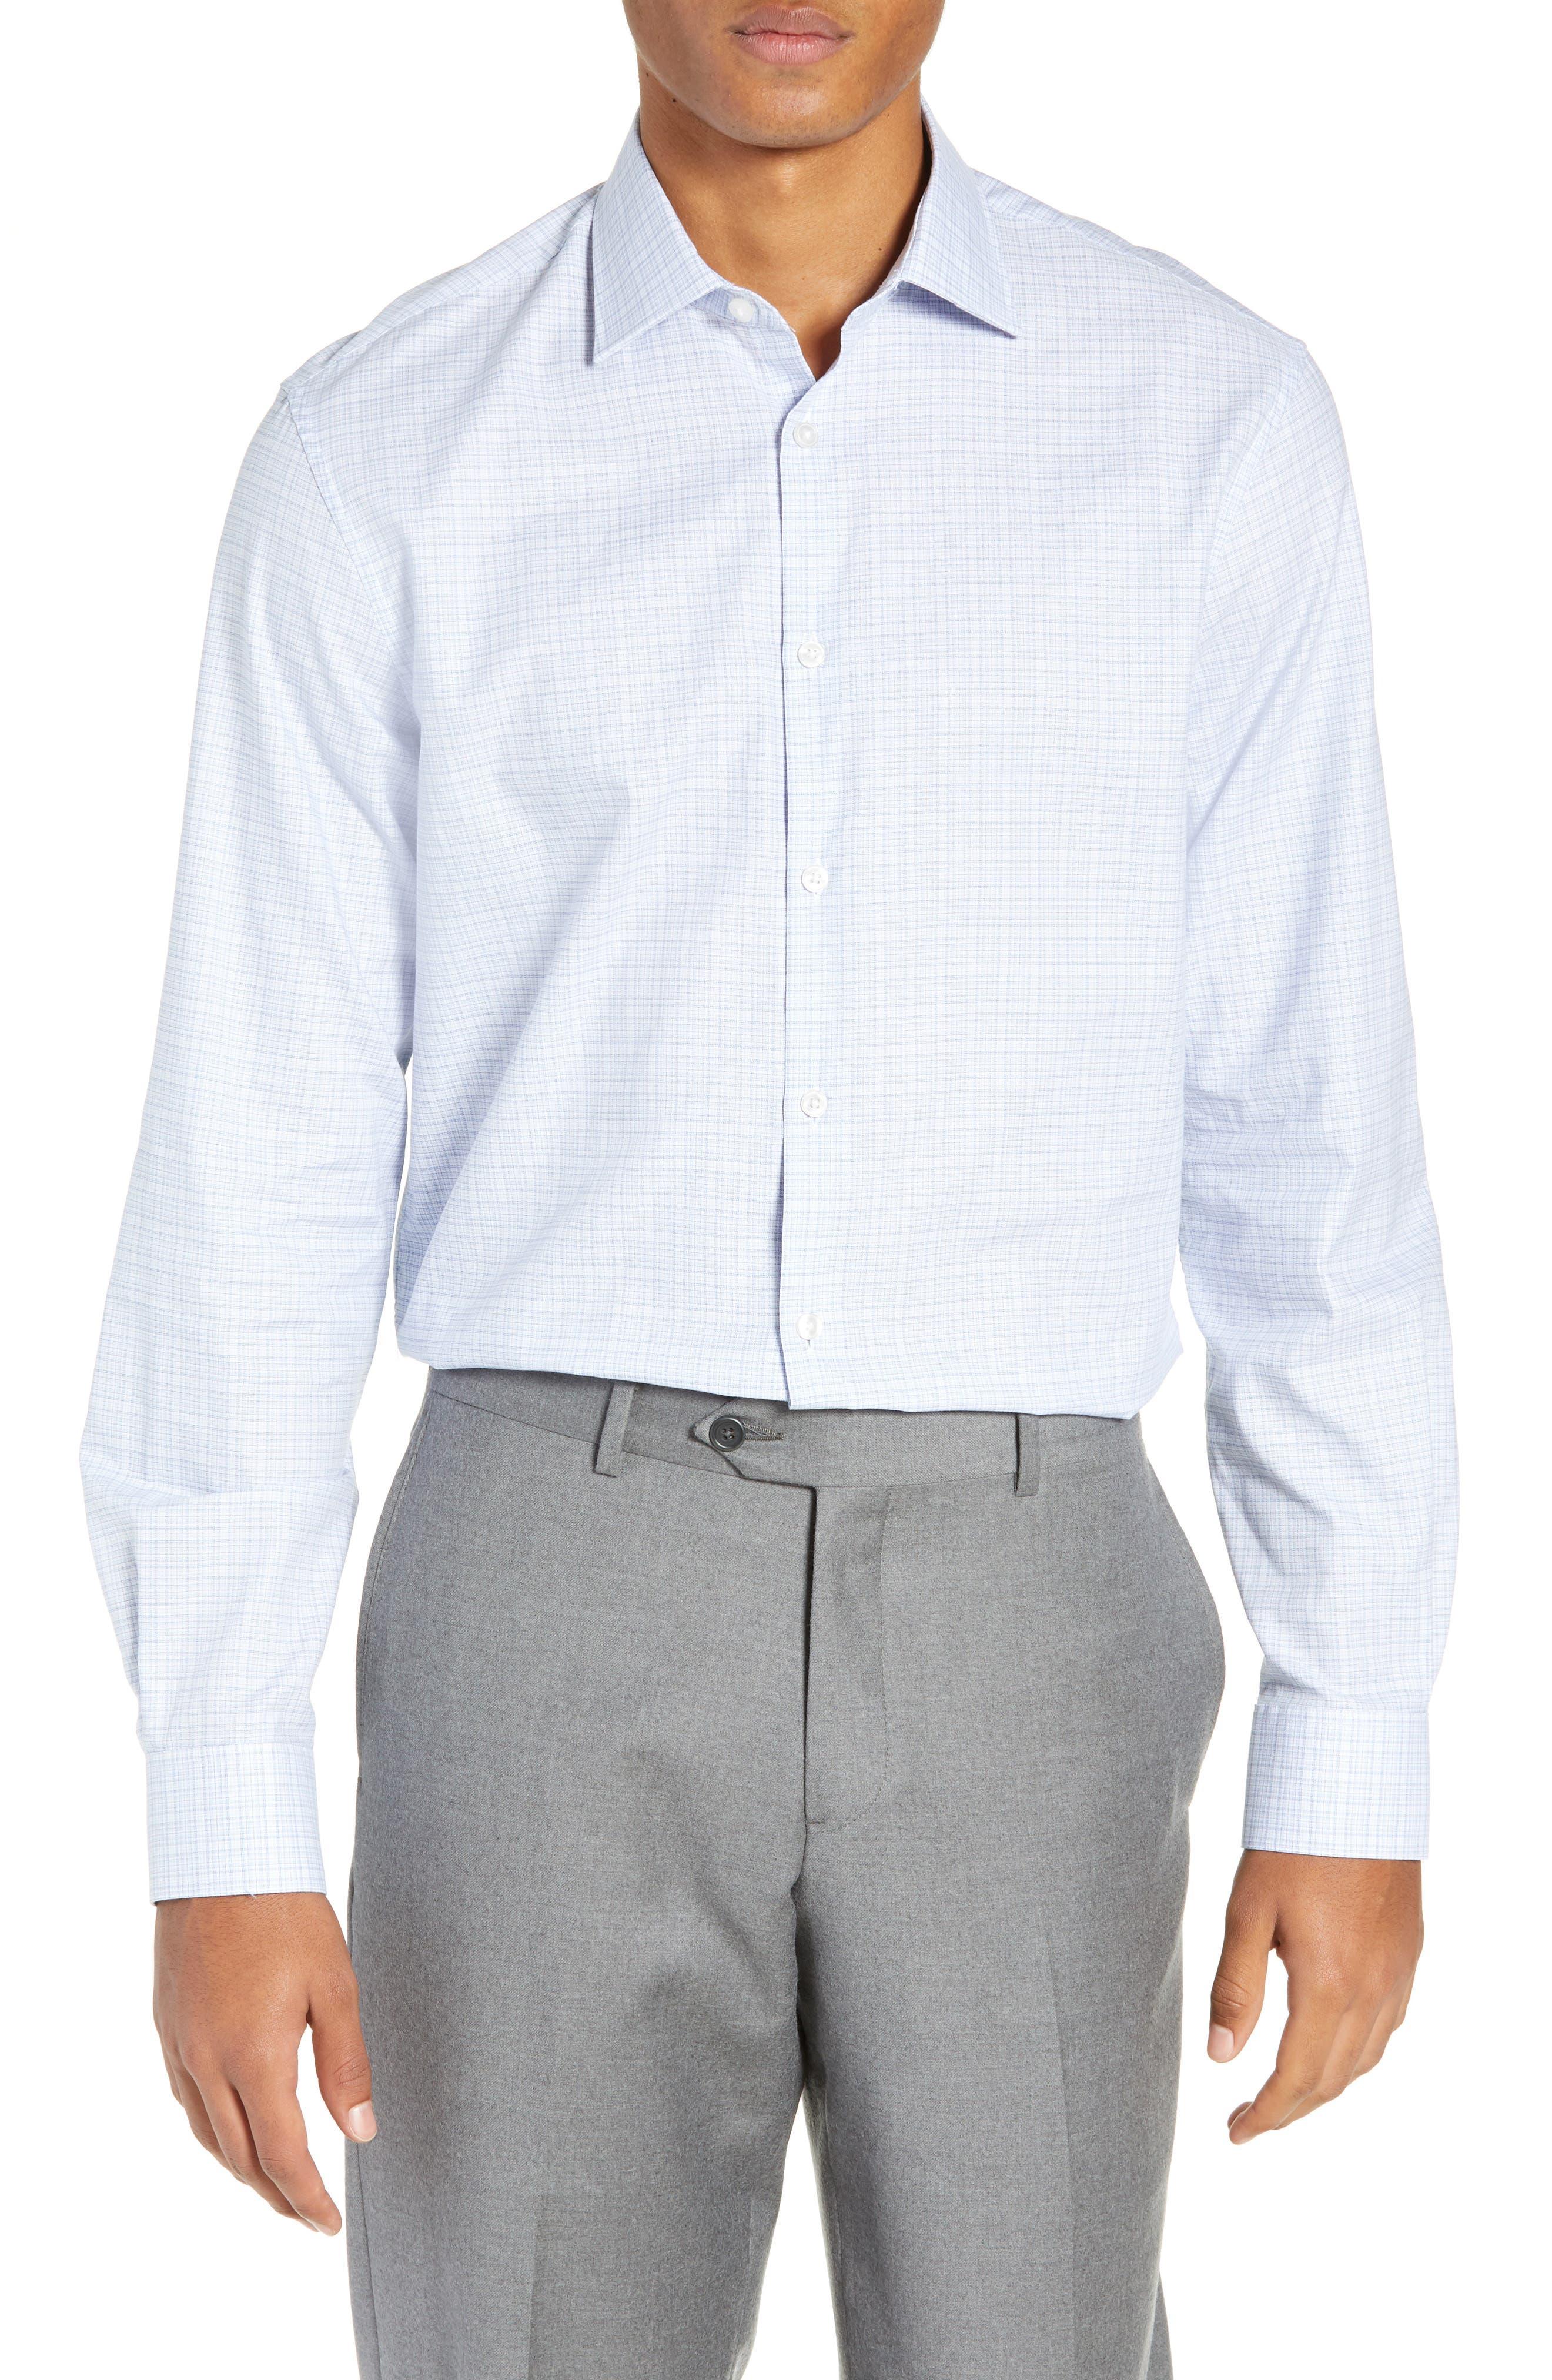 Regular Fit Plaid Dress Shirt,                         Main,                         color, SKY BLUE